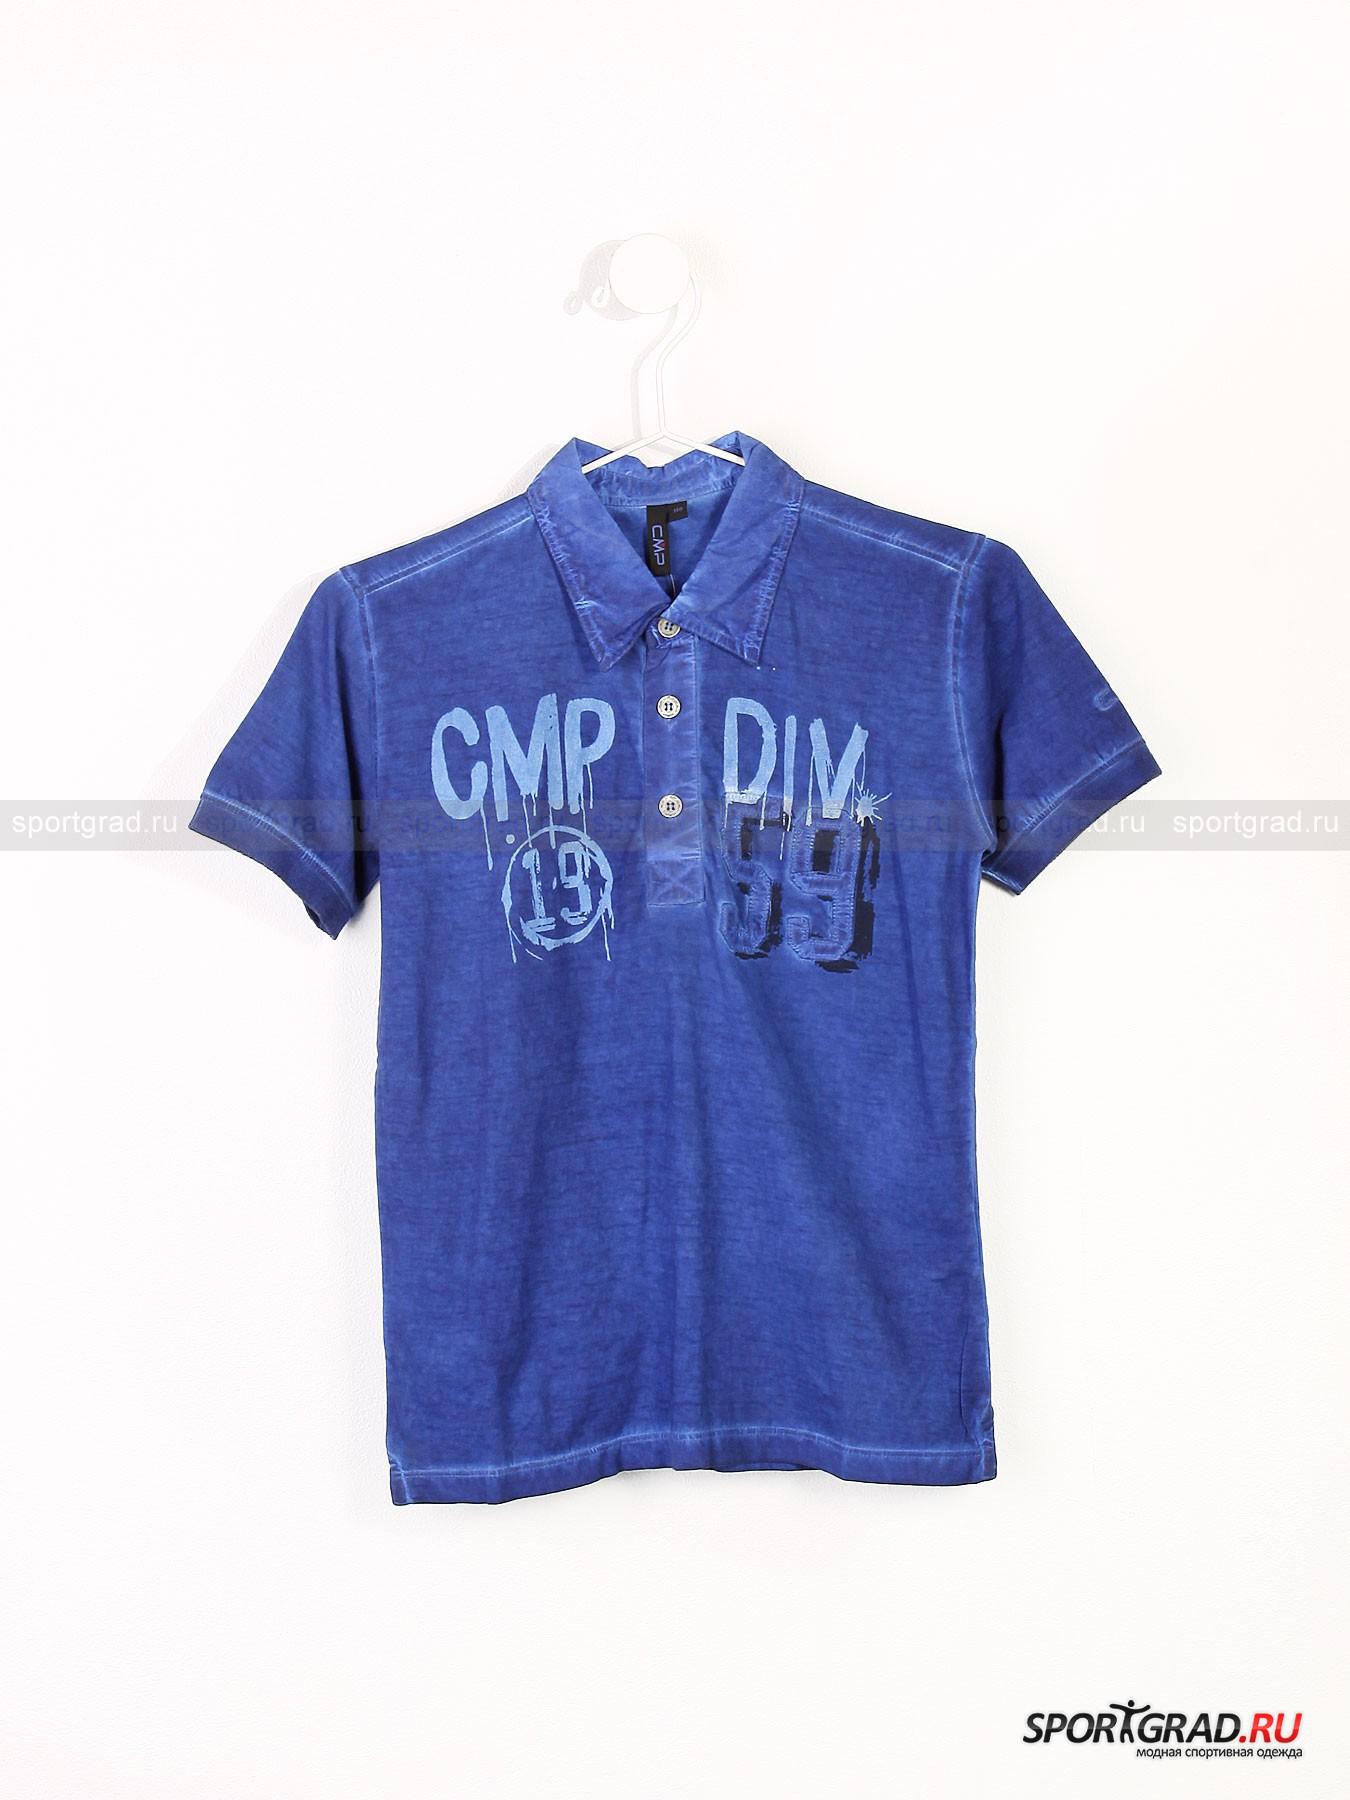 ���� ������� CAMPAGNOLO CMP DIV.